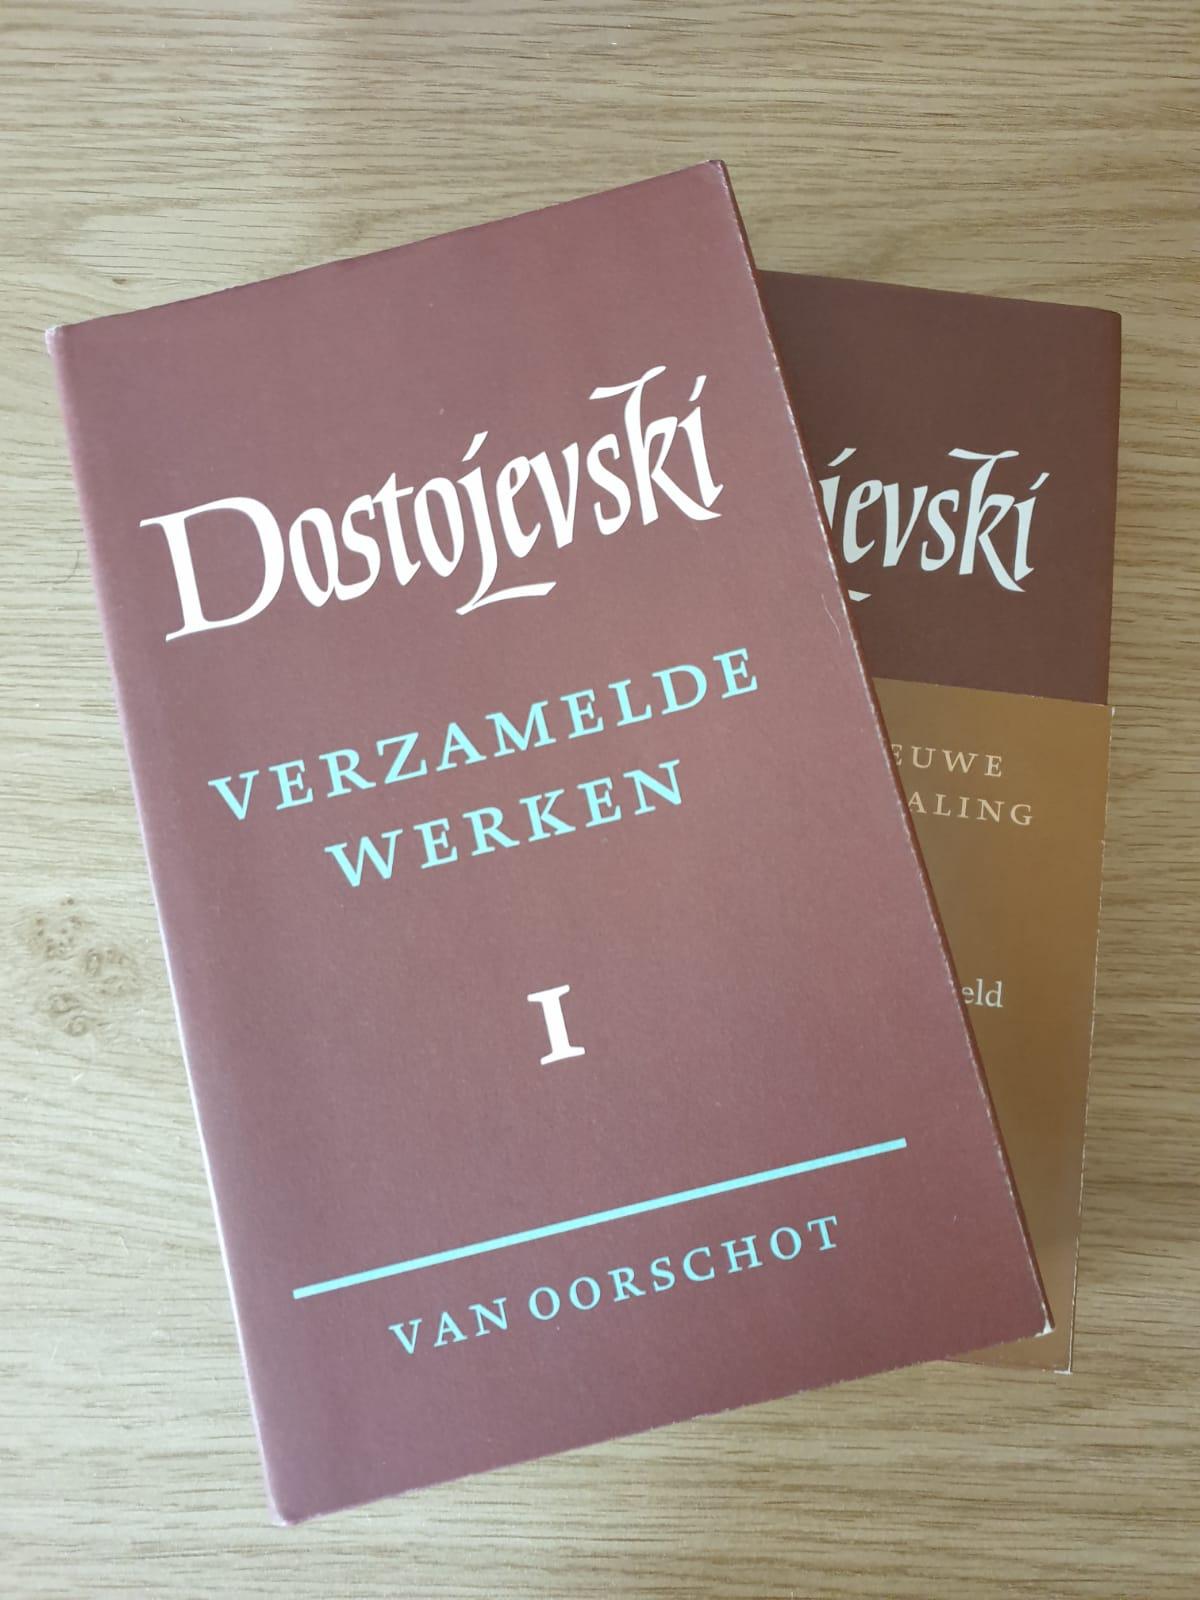 De waarde van Dostojevski voor rechtenstudenten